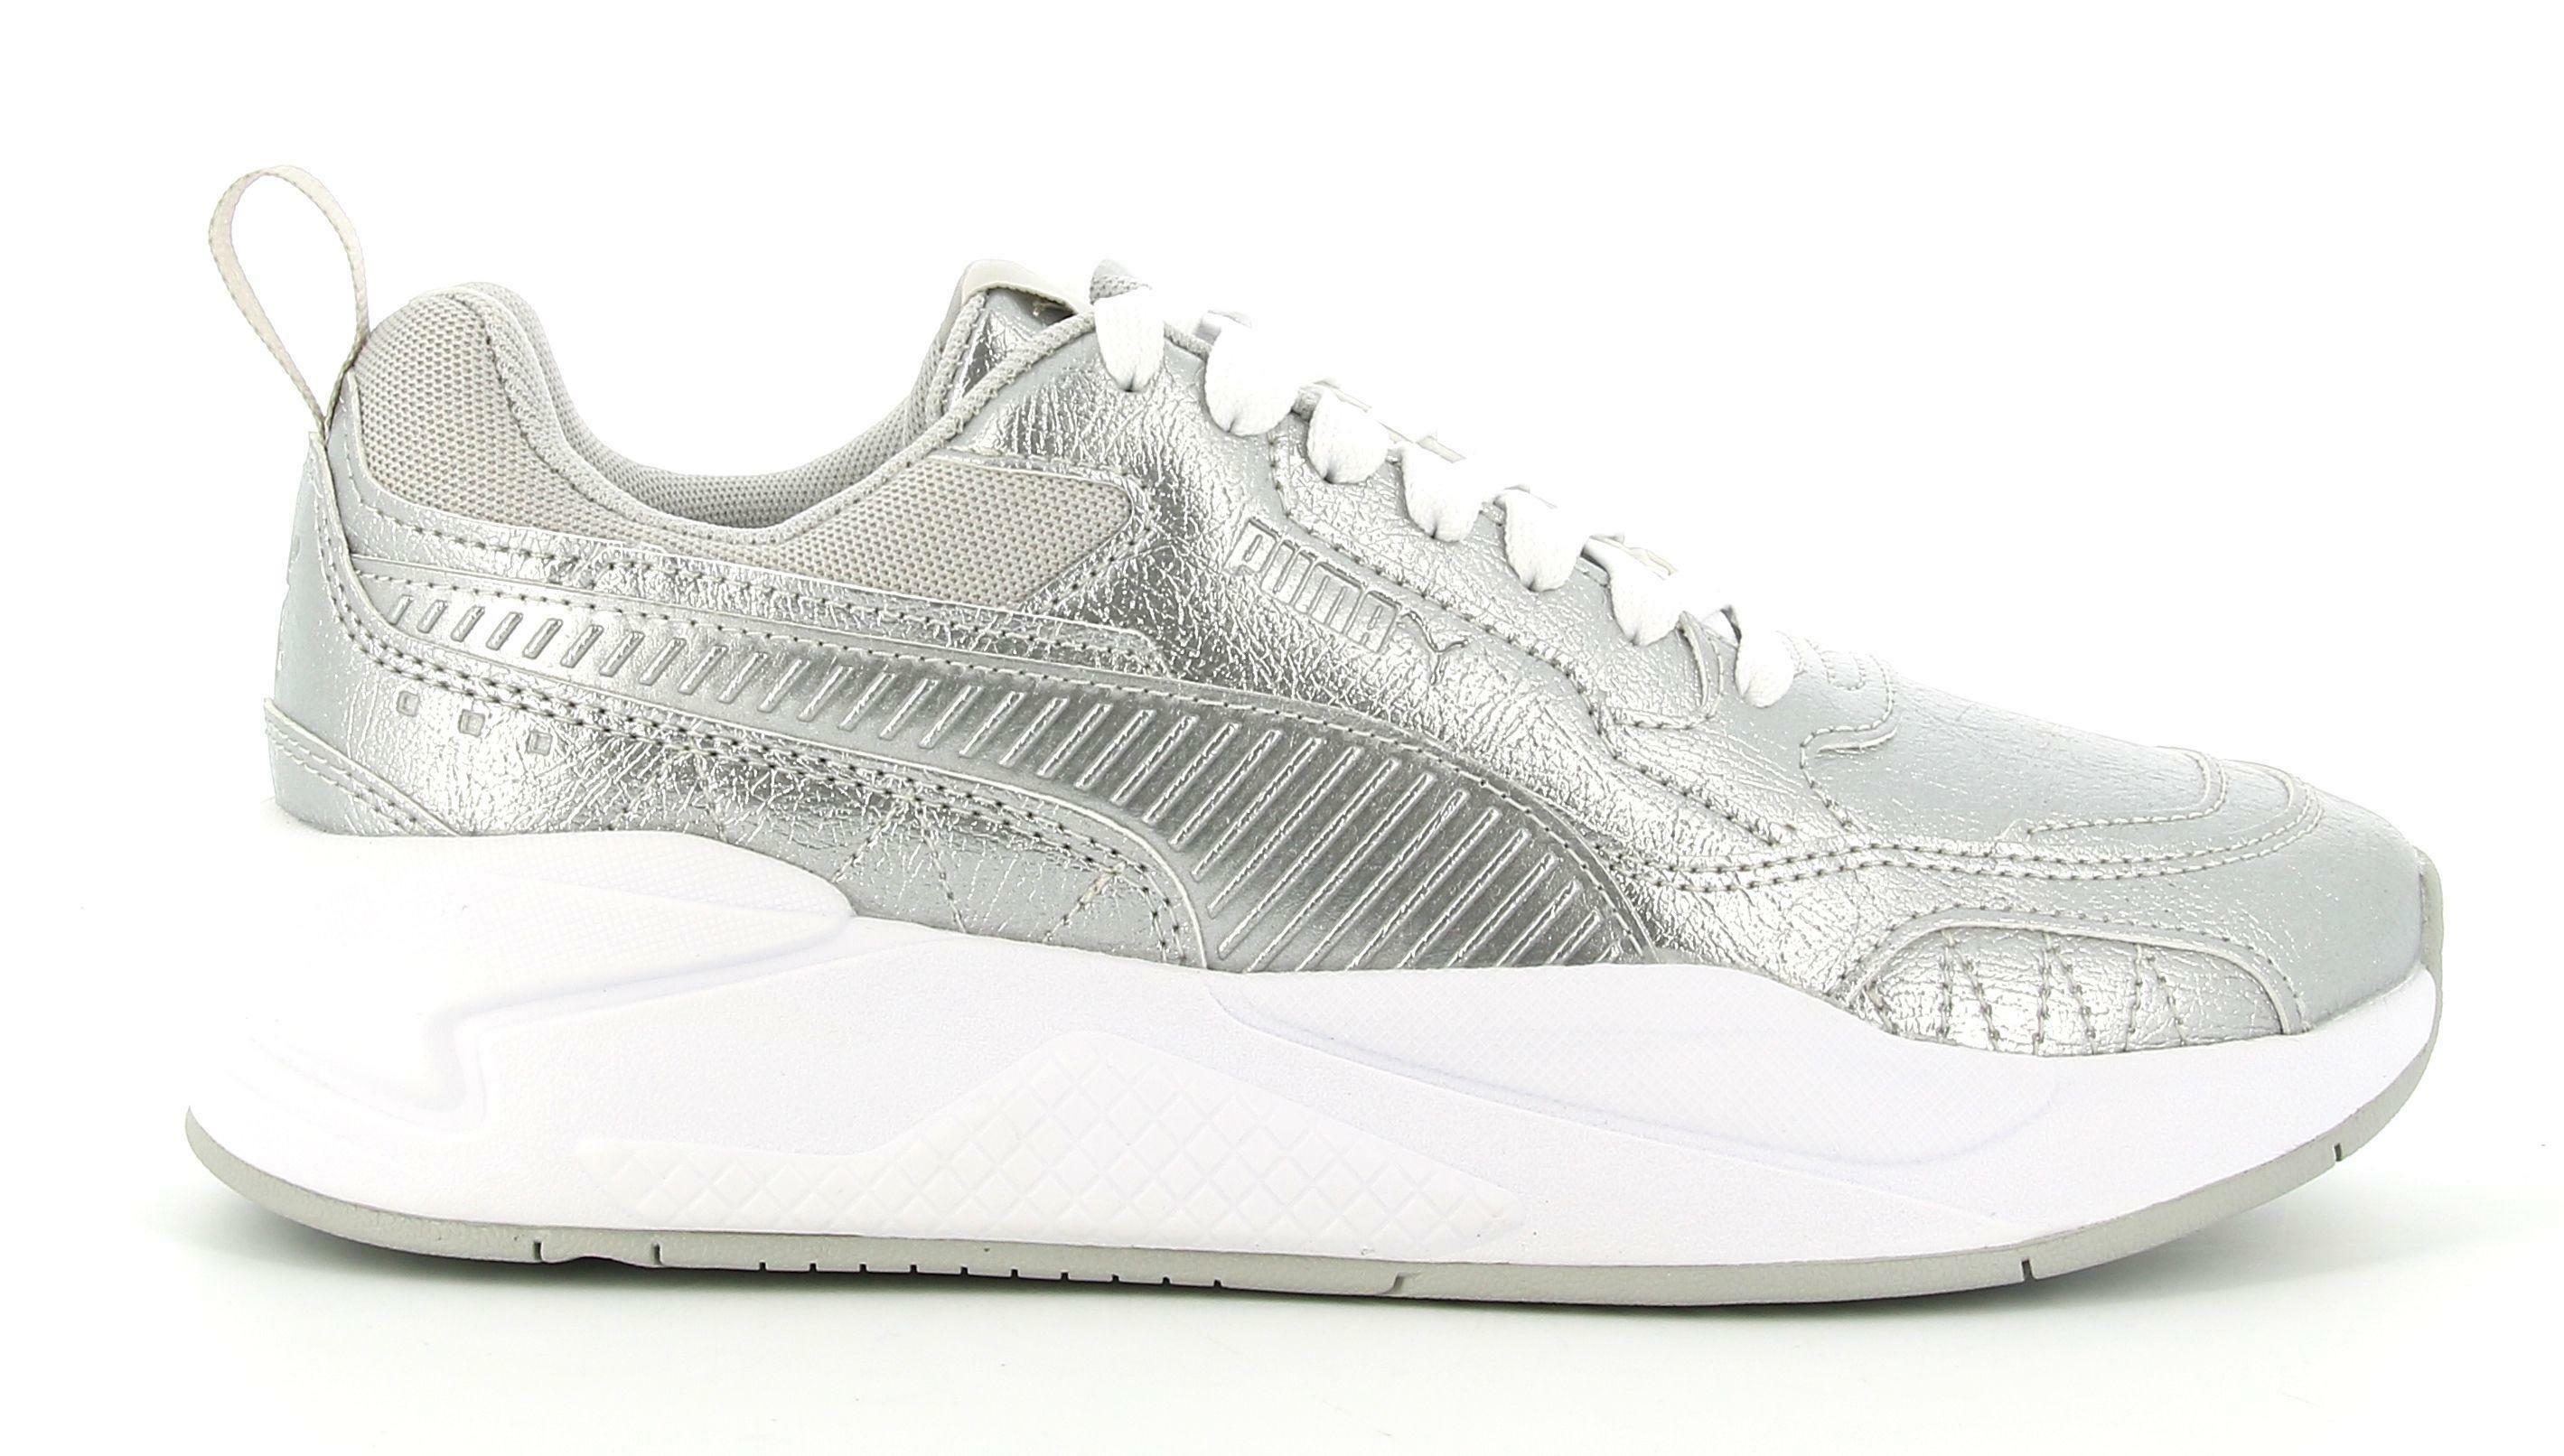 puma puma x-ray 2 square metallic 382218 001 sneaker sportiva lacci donna argento